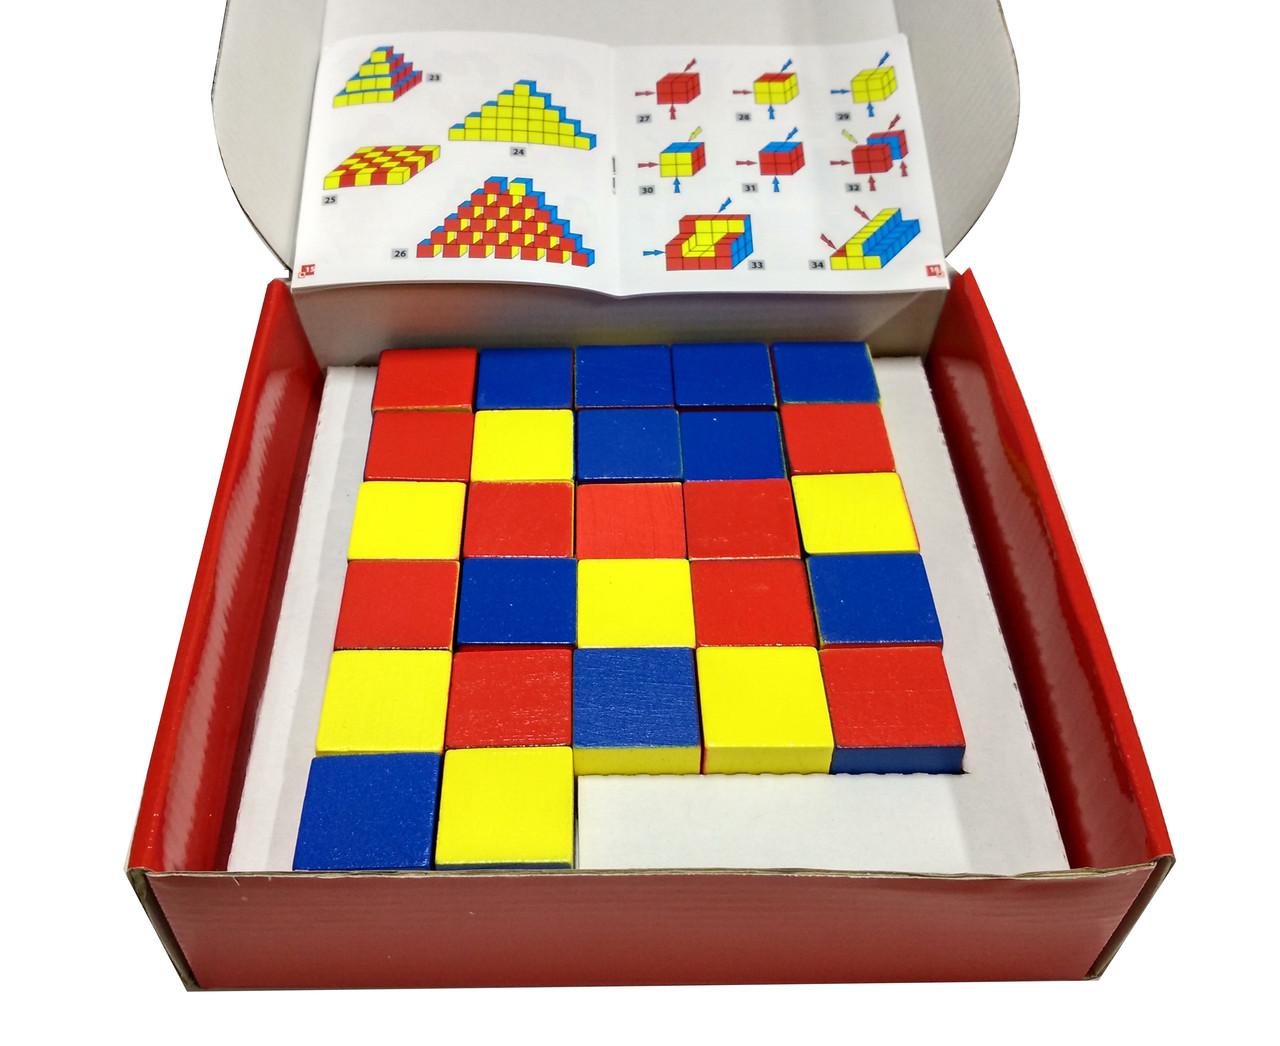 Уникуб, методика Никитина, деревянные кубики 3х3см - фото 2